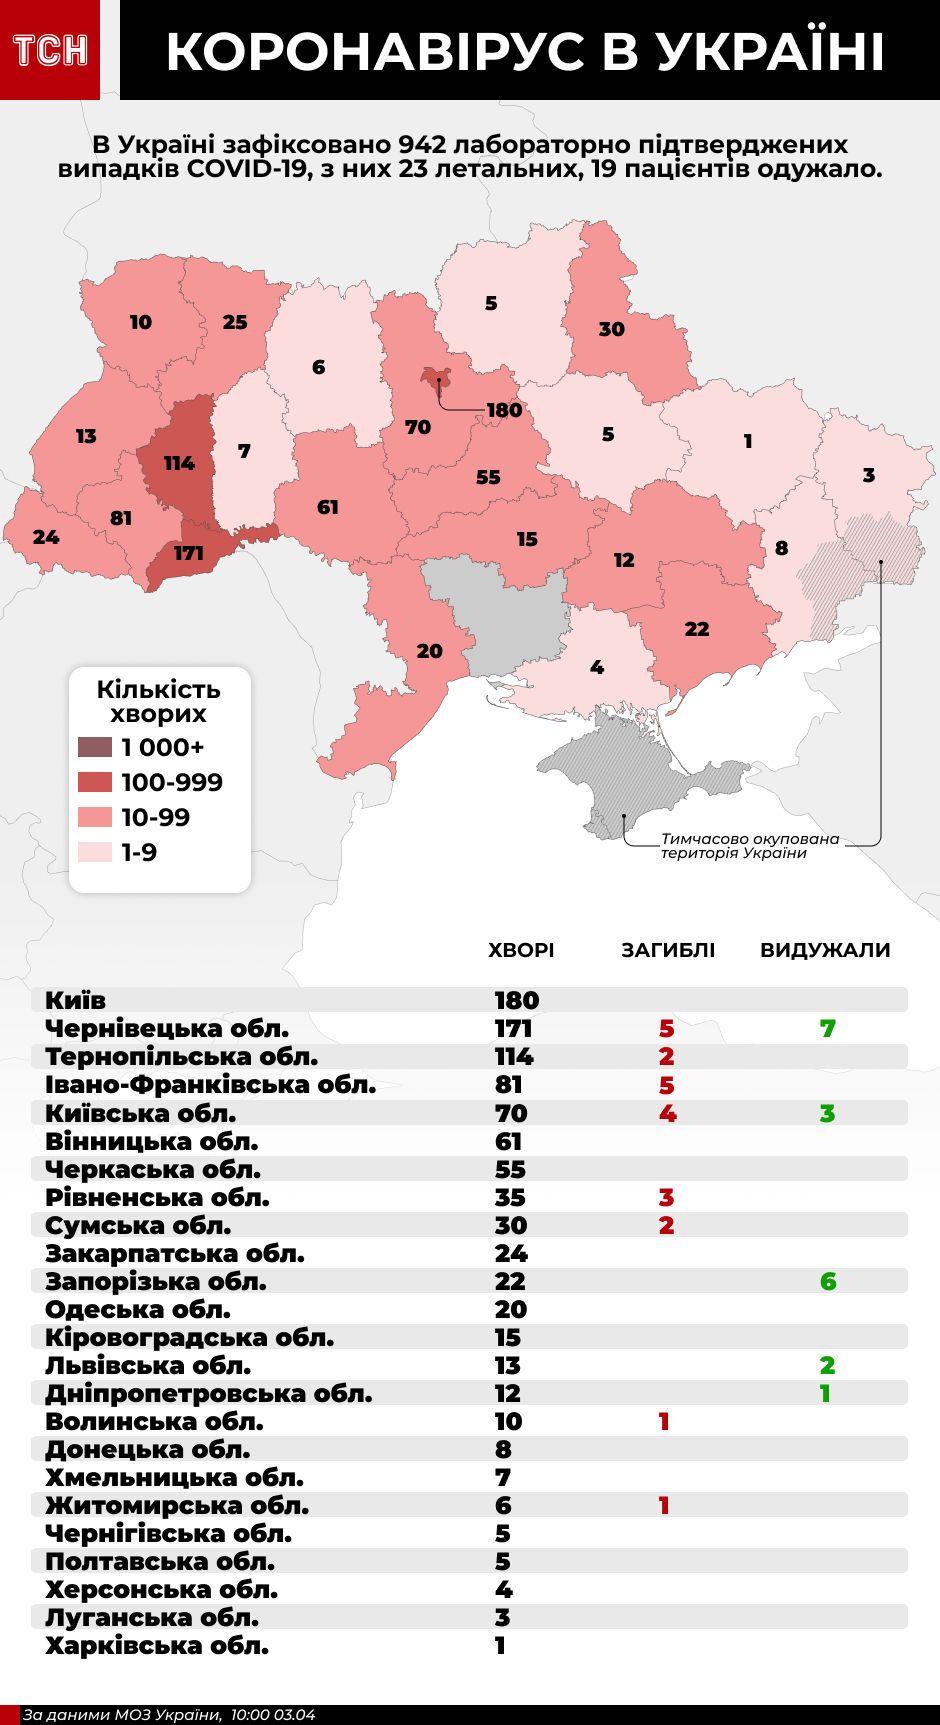 Коронавірус в Україні, мапа, інфографіка на 3 квітня